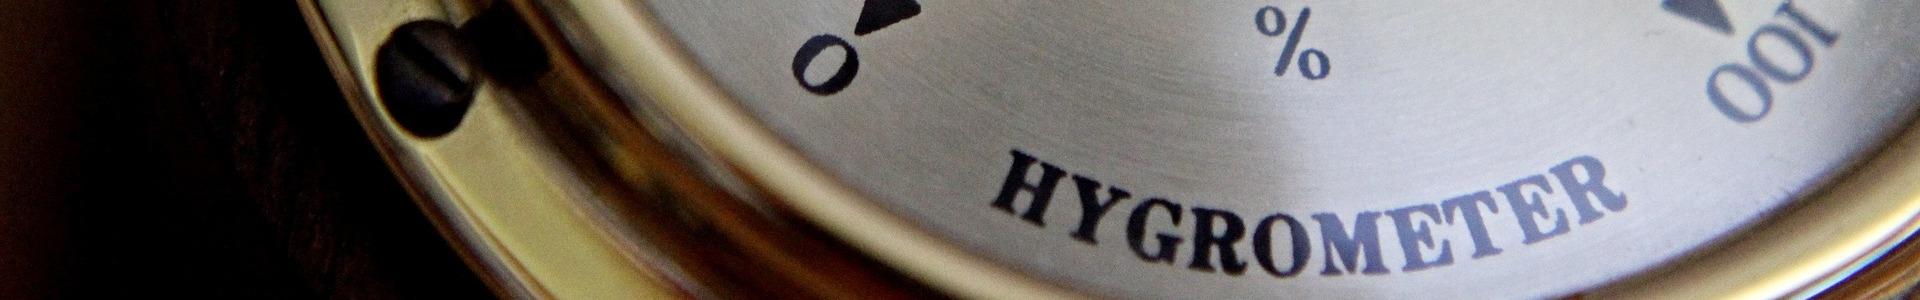 Hygrometer zur Luftfeuchtigkeitsmessung in der Wohnung